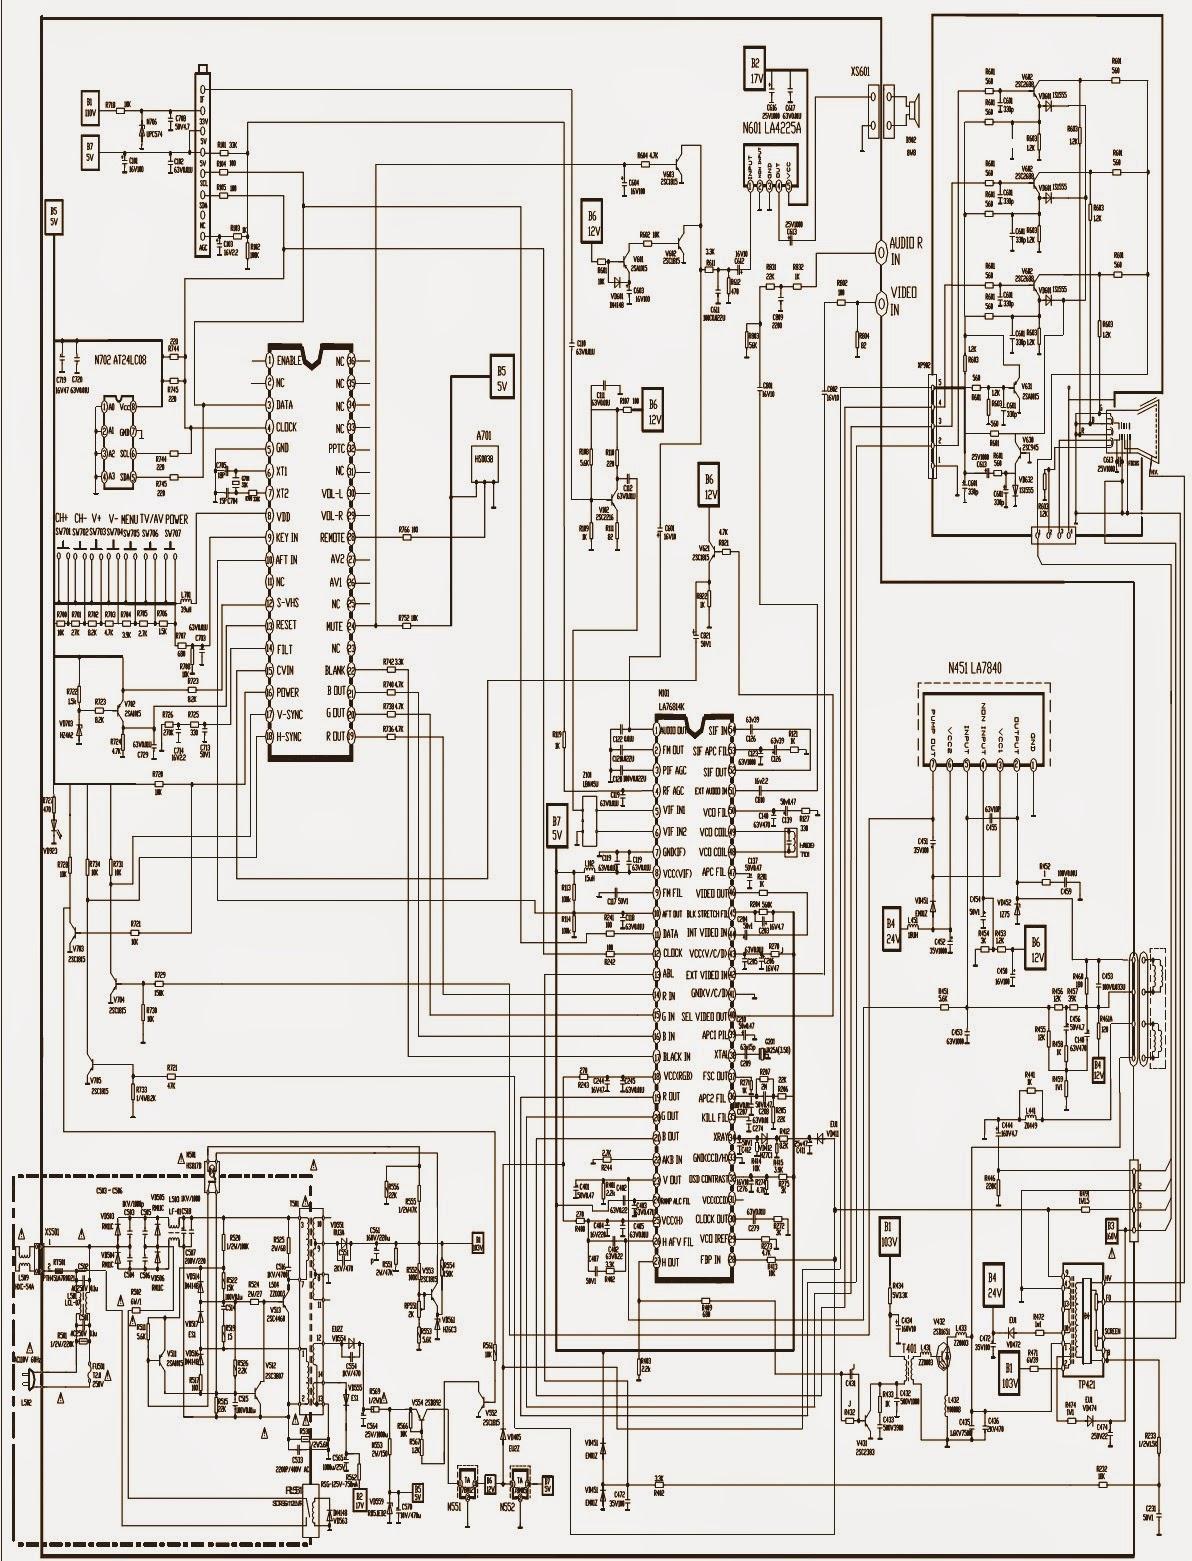 kenworth fuse box diagram 2000 kenworth w900 fuse diagram kenworth w900 fuse box diagram on 2003 [ 1192 x 1561 Pixel ]